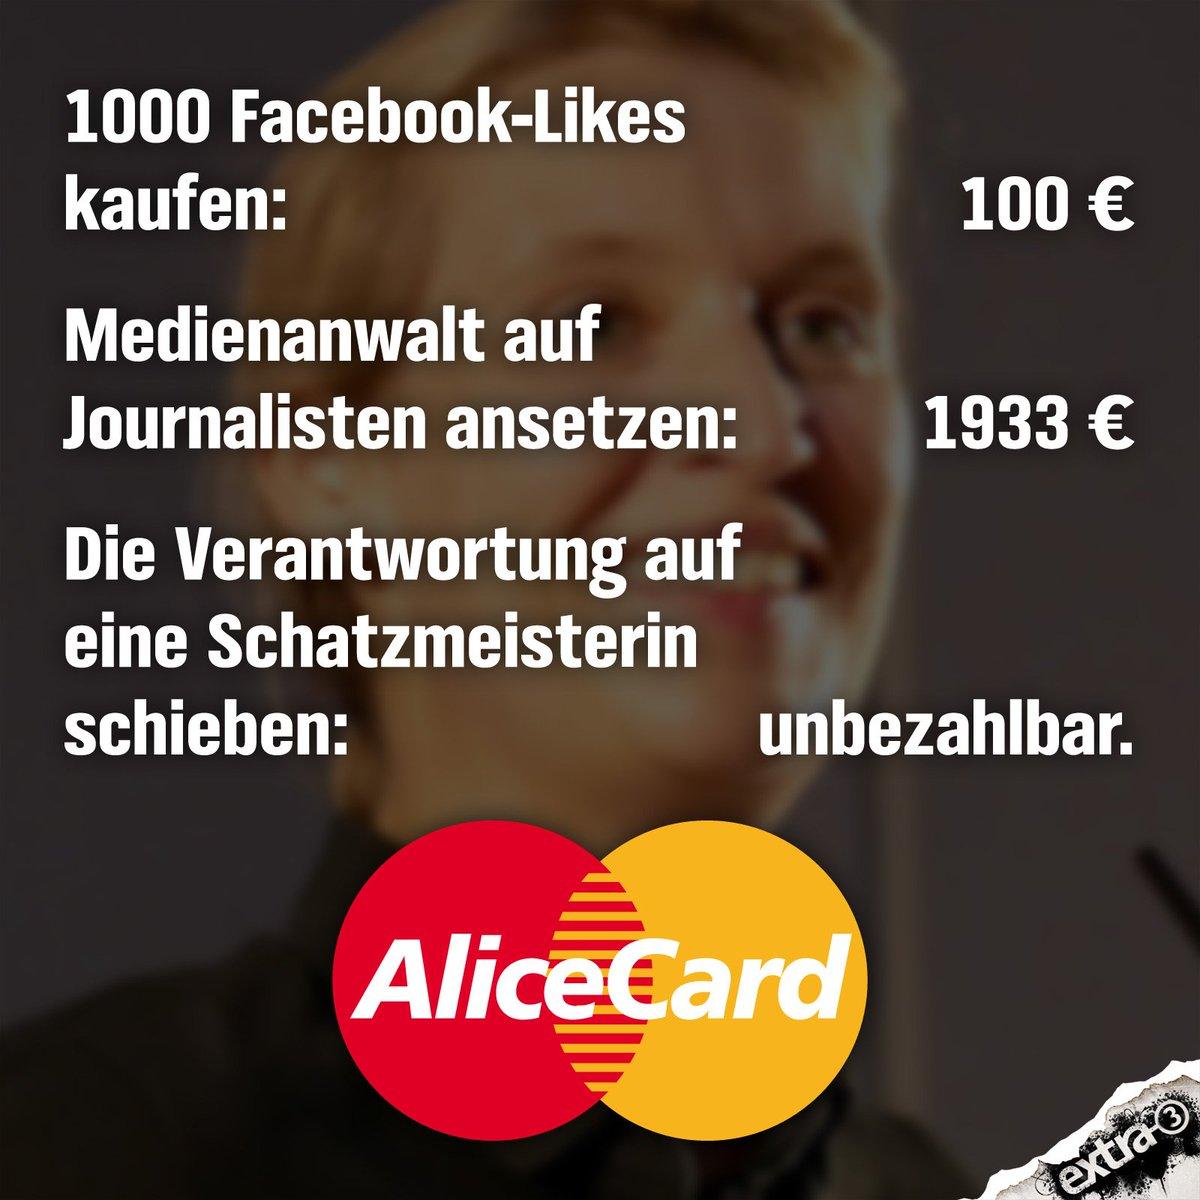 Hinweis: Für Likes gibt es leider kein Geld! #AfD #Weidel